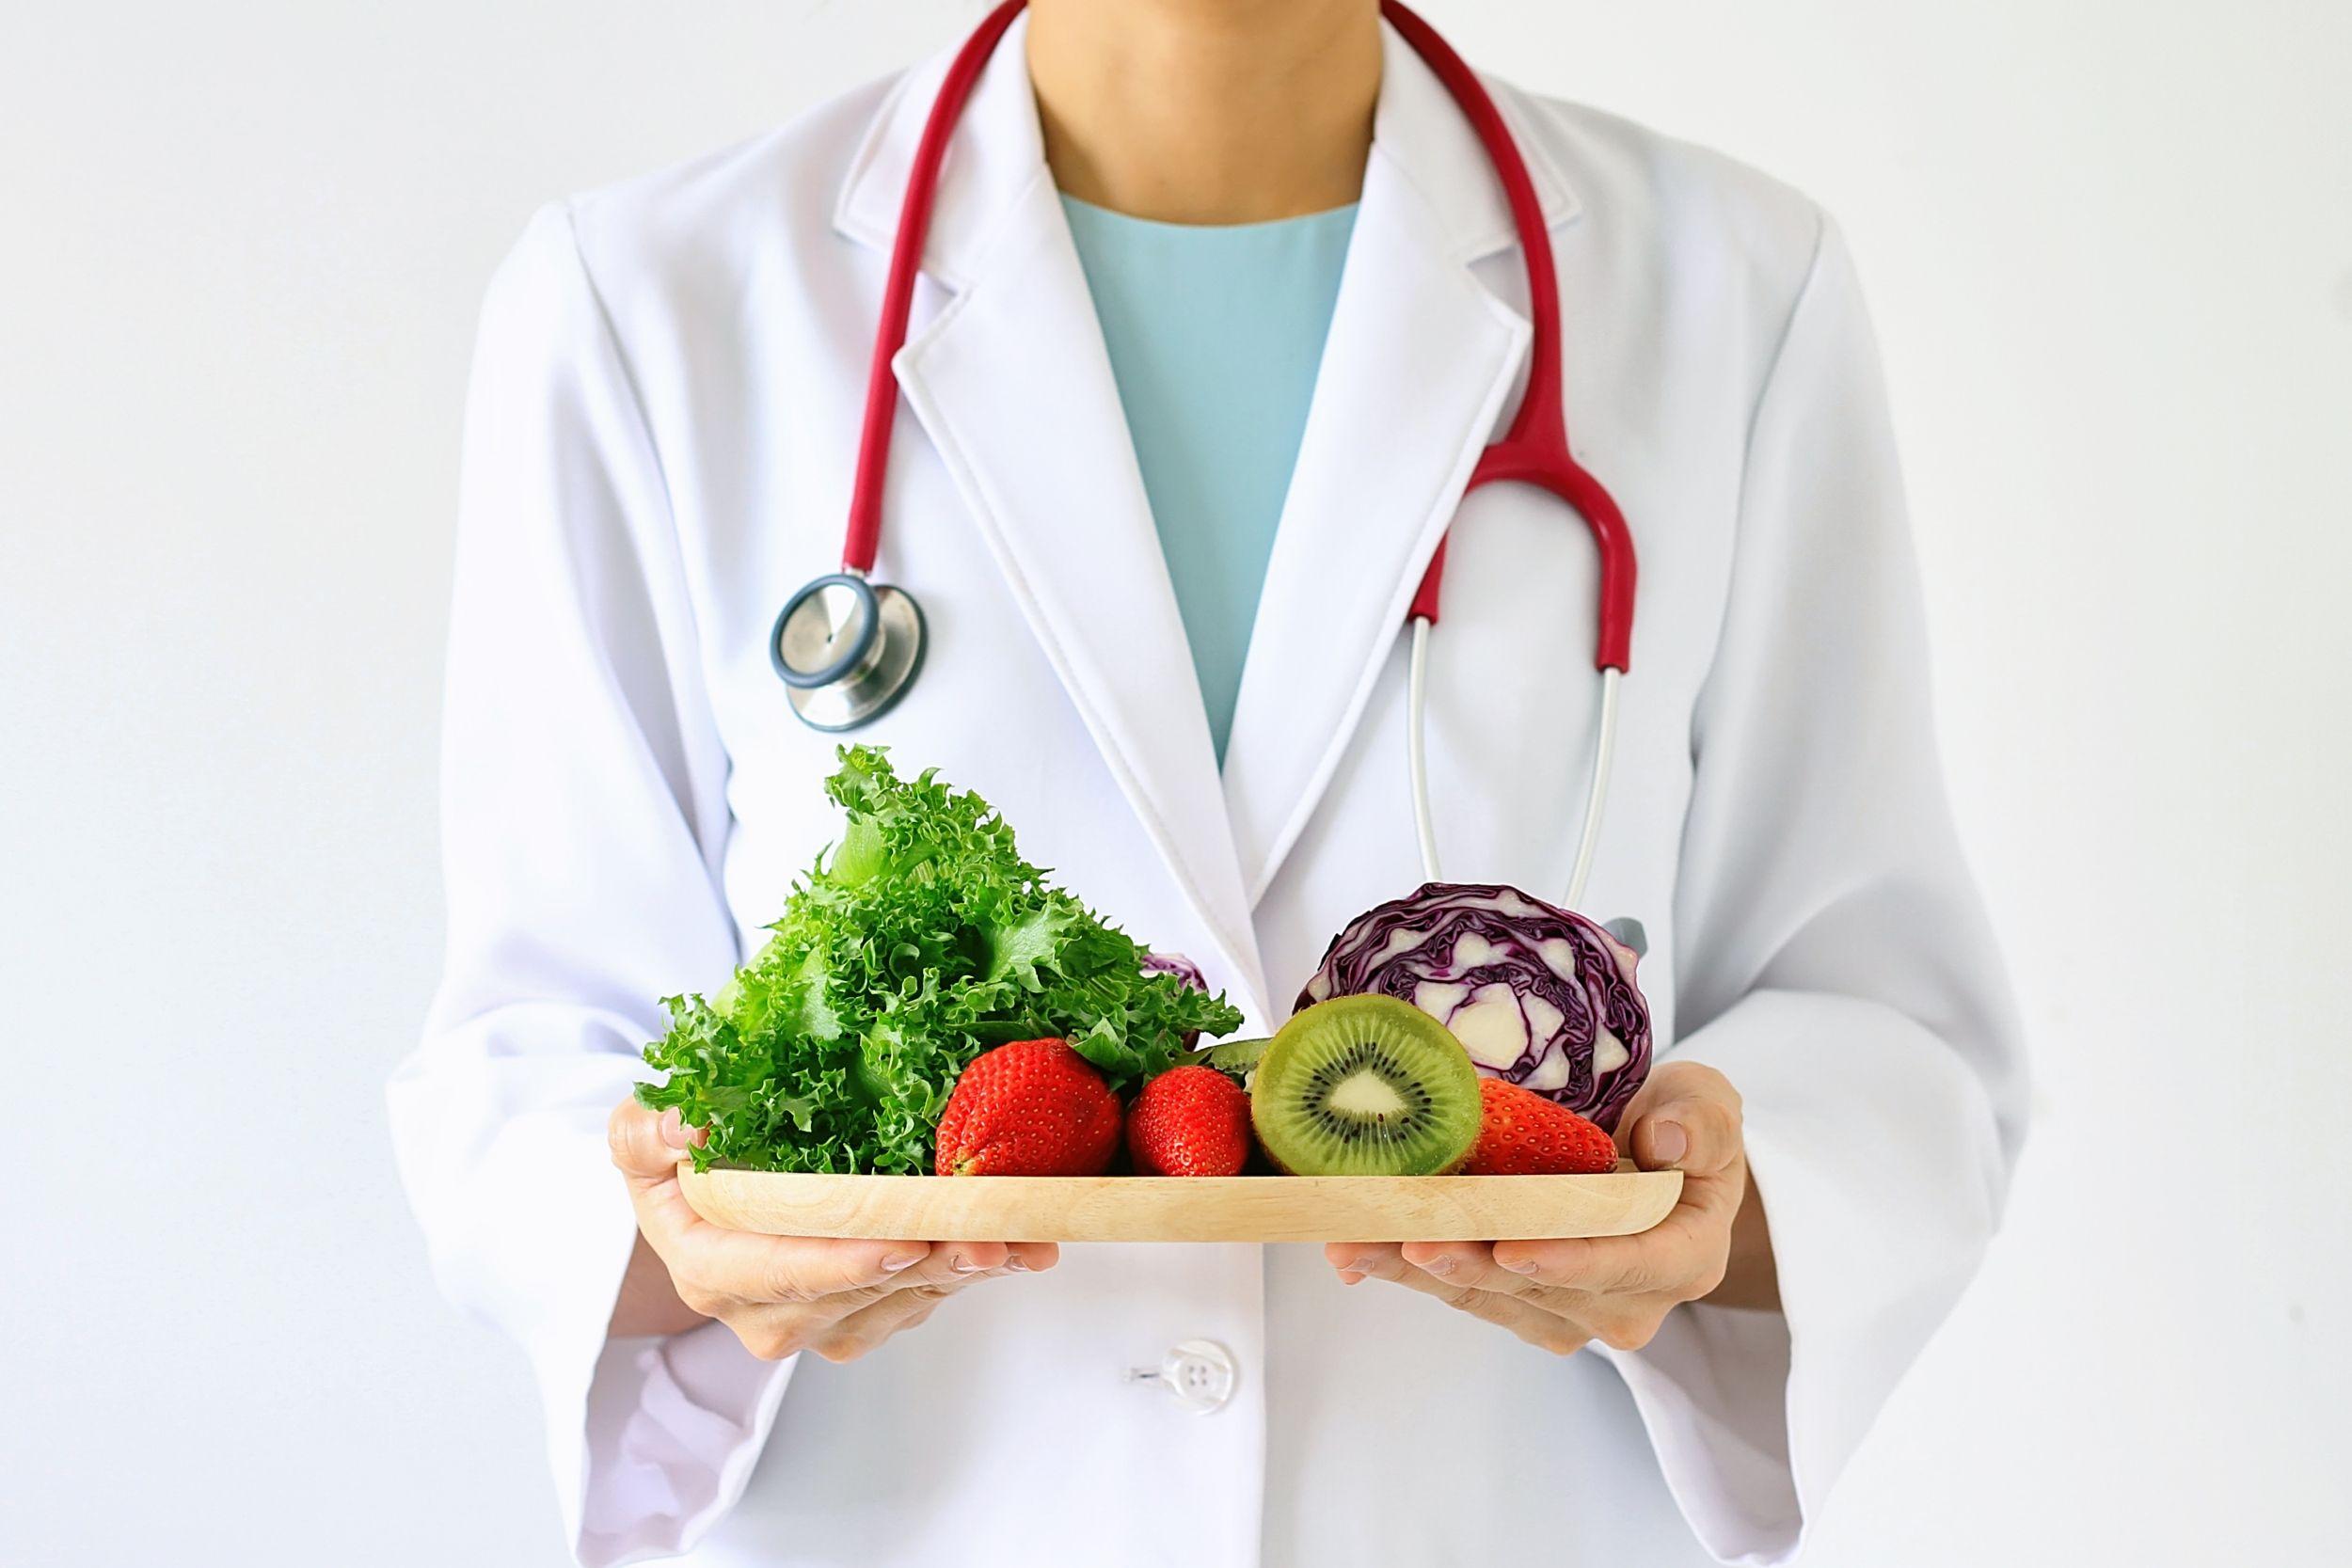 Dietista nutricionista enPalencia